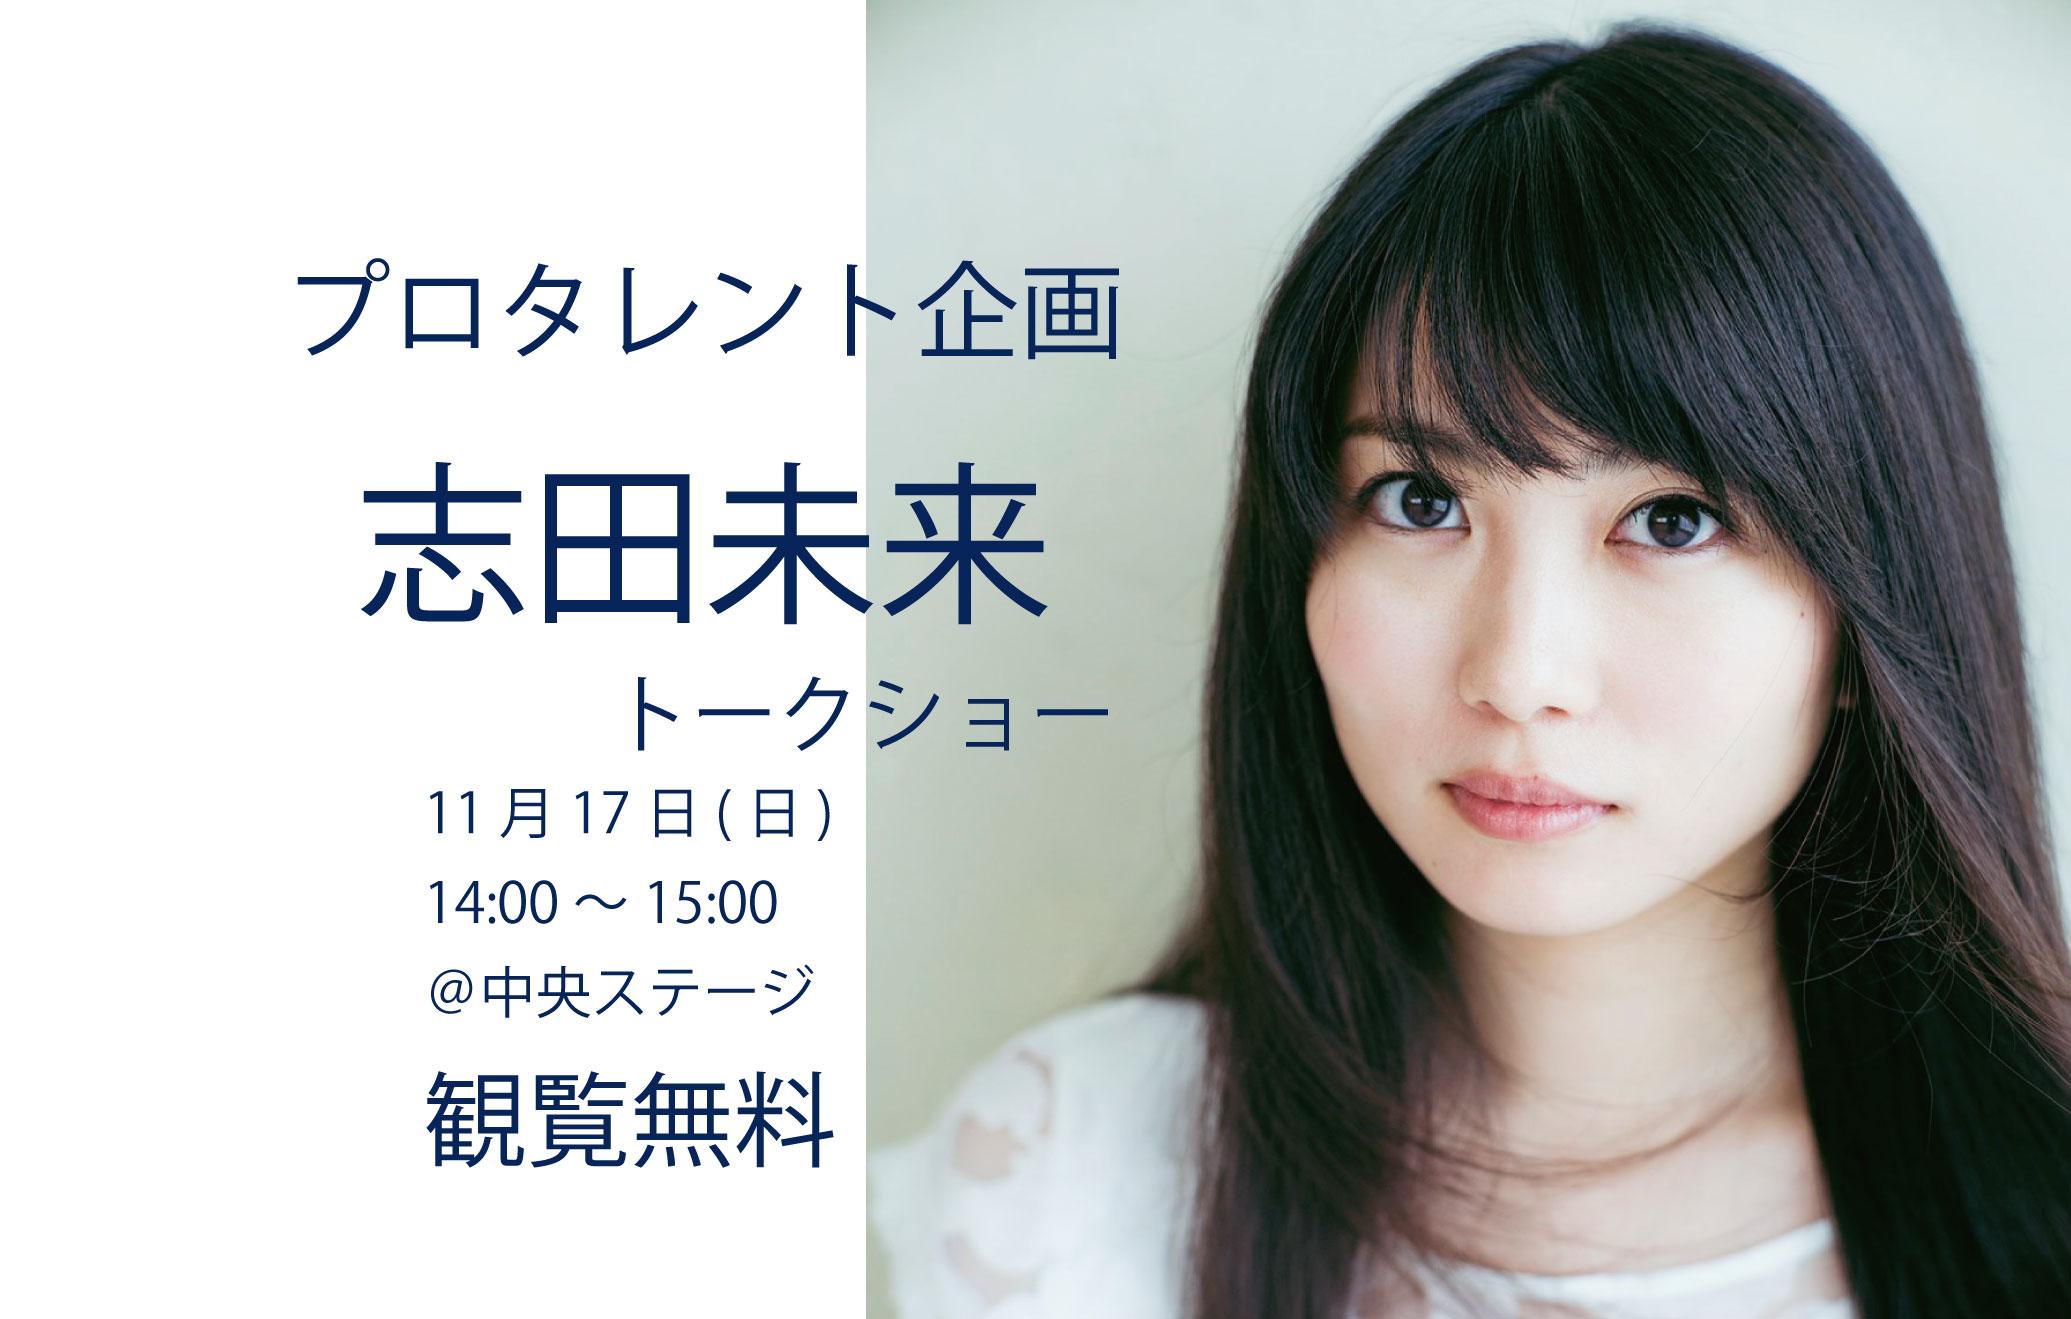 志田未来Talk Show